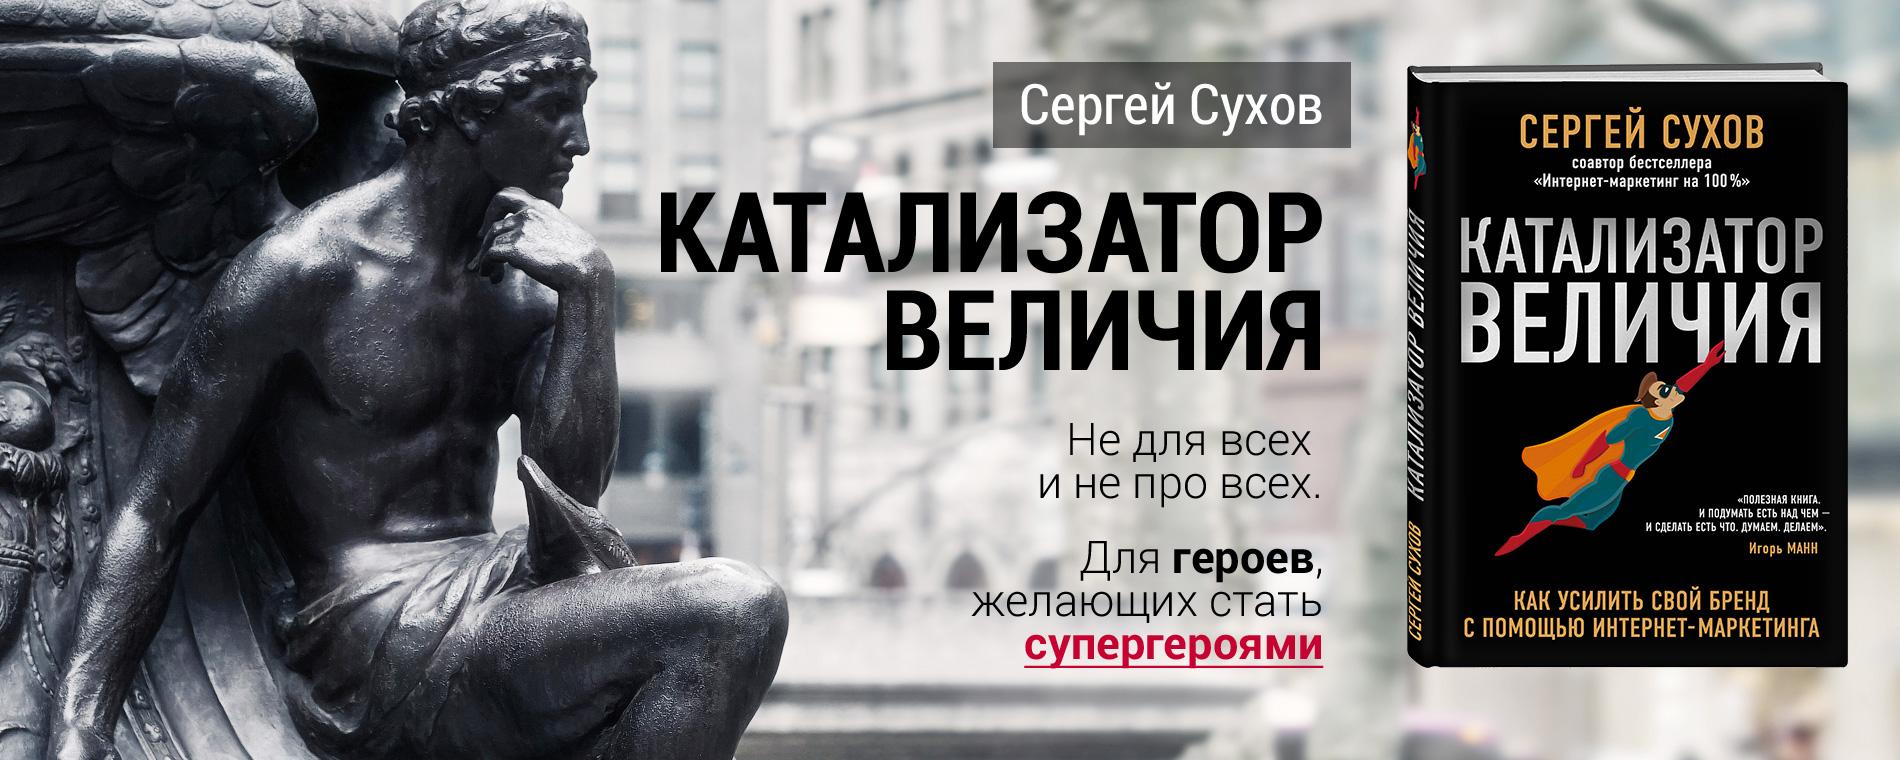 Катализатор величия книга Сергей Сухов